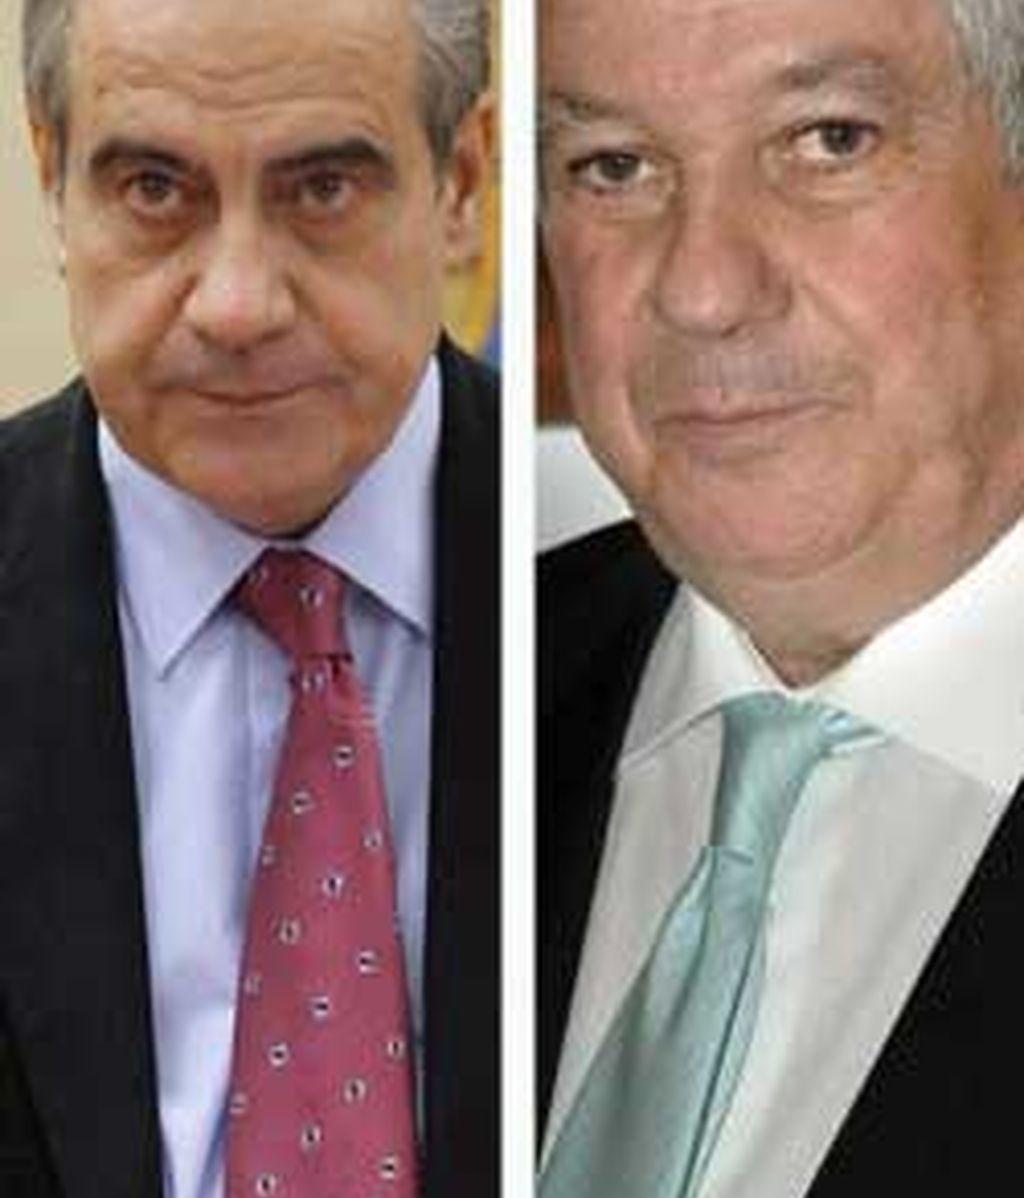 Celestino Corbacho ha criticado duramente la medida presentado por el presidente de CEIM, Arturo Fernández. Foto: EFE